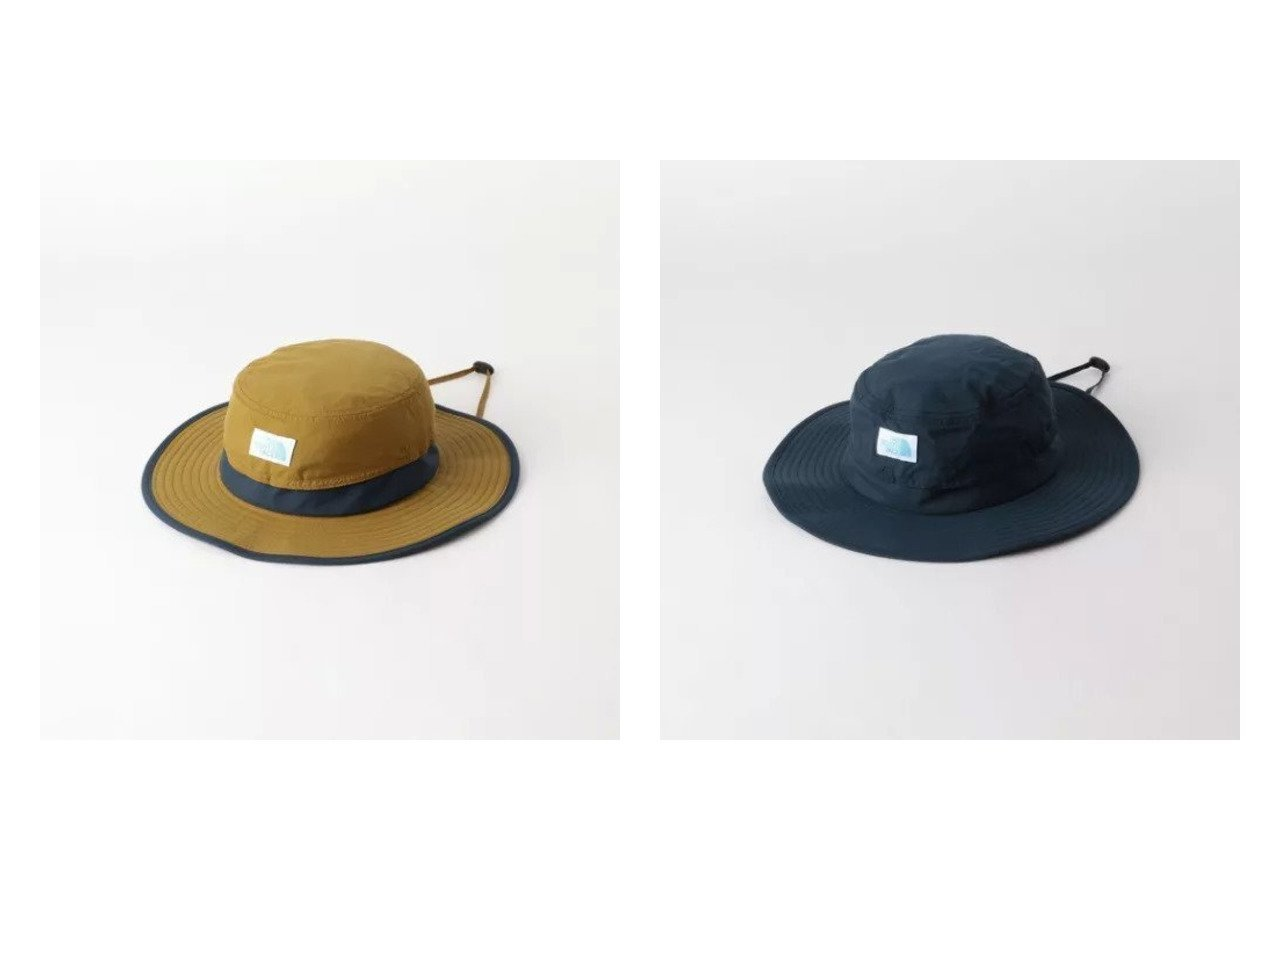 【green label relaxing / UNITED ARROWS / KIDS/グリーンレーベルリラクシング】のTHE NORTH FACE(ザノースフェイス)Horizon HAT おすすめ!人気、トレンド・レディースファッションの通販   おすすめで人気の流行・トレンド、ファッションの通販商品 メンズファッション・キッズファッション・インテリア・家具・レディースファッション・服の通販 founy(ファニー) https://founy.com/ ファッション Fashion キッズファッション KIDS アウトドア カリフォルニア 定番 Standard 帽子 |ID:crp329100000036854